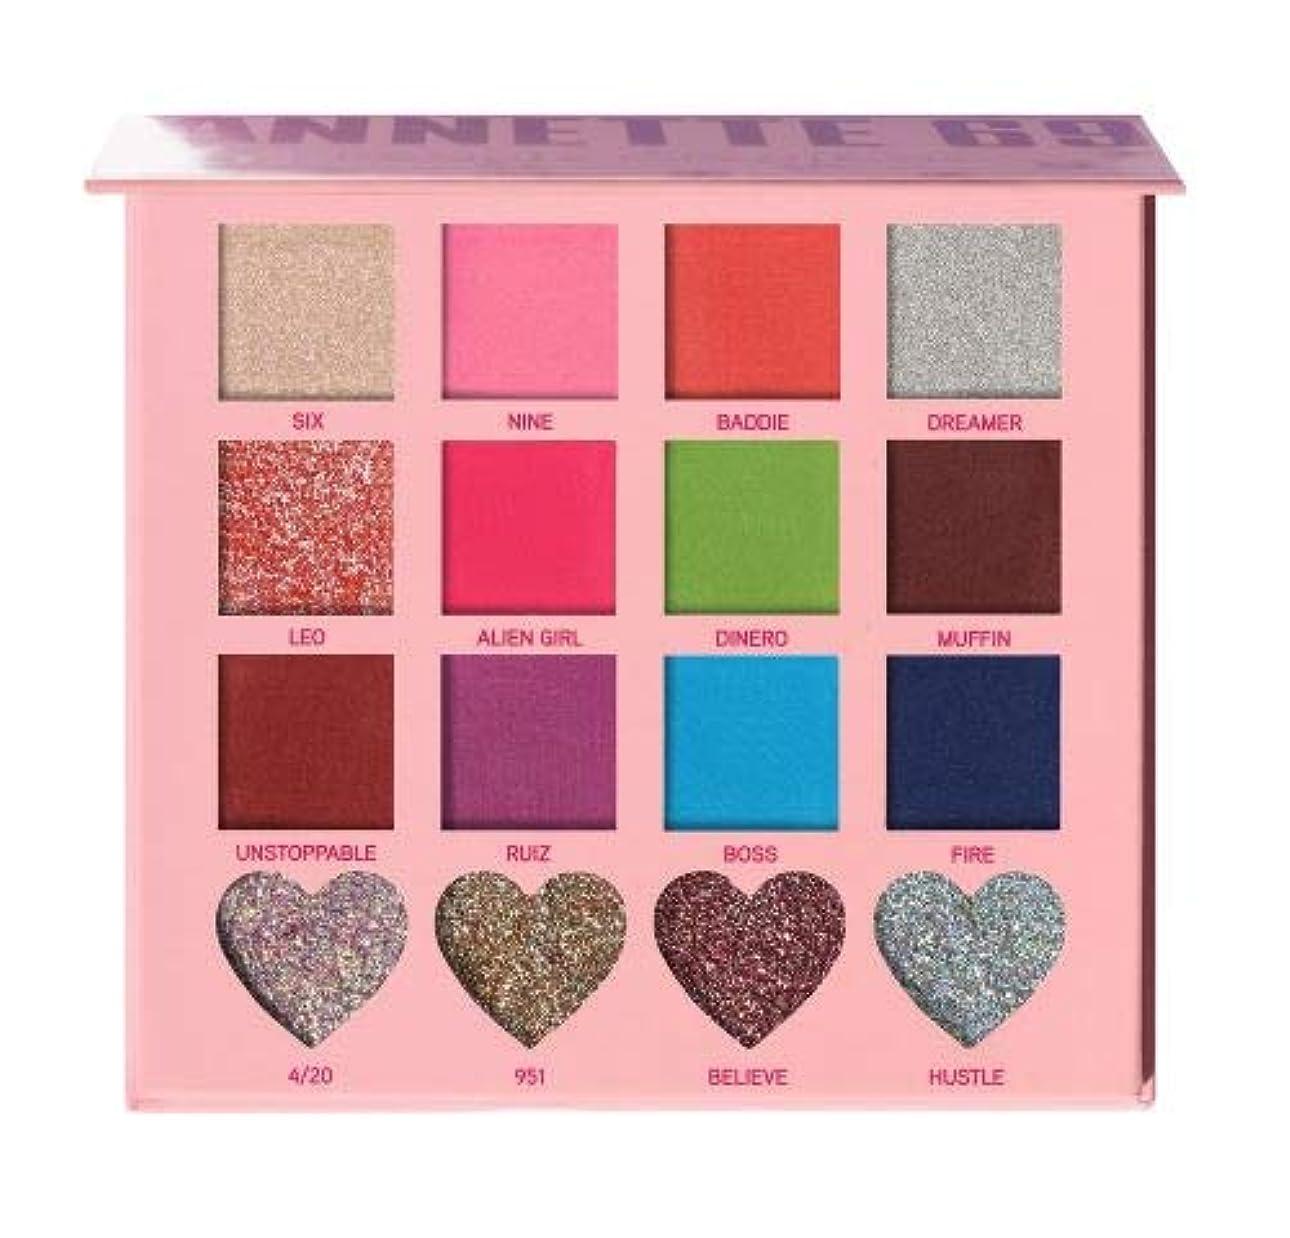 引退する敷居スリチンモイ(3 Pack) BEAUTY CREATIONS x Annette 69 Eyeshadow Palette (並行輸入品)